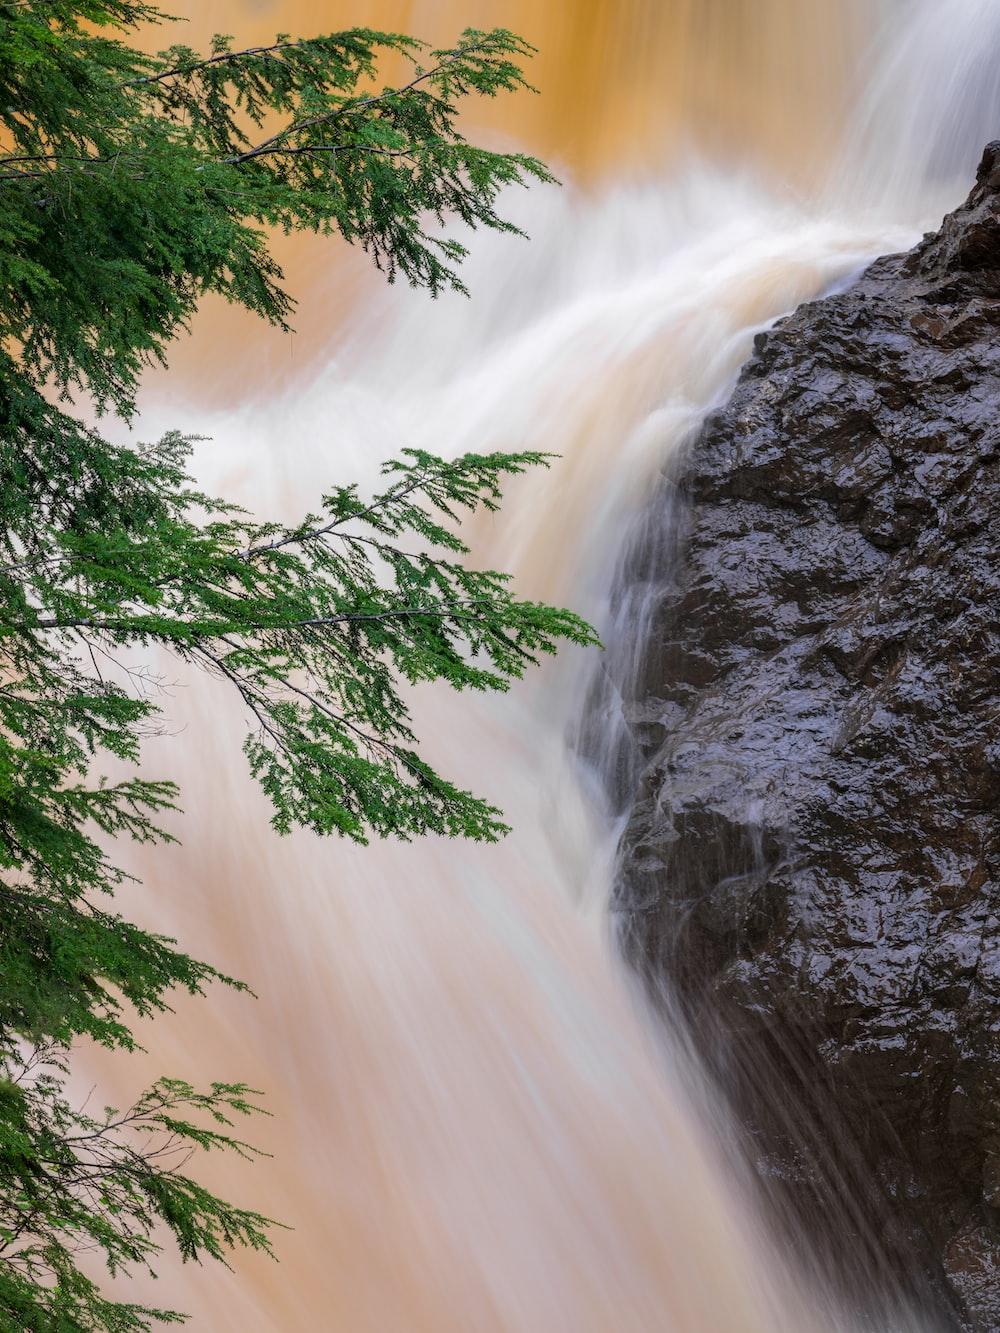 green tree near waterfalls during daytime